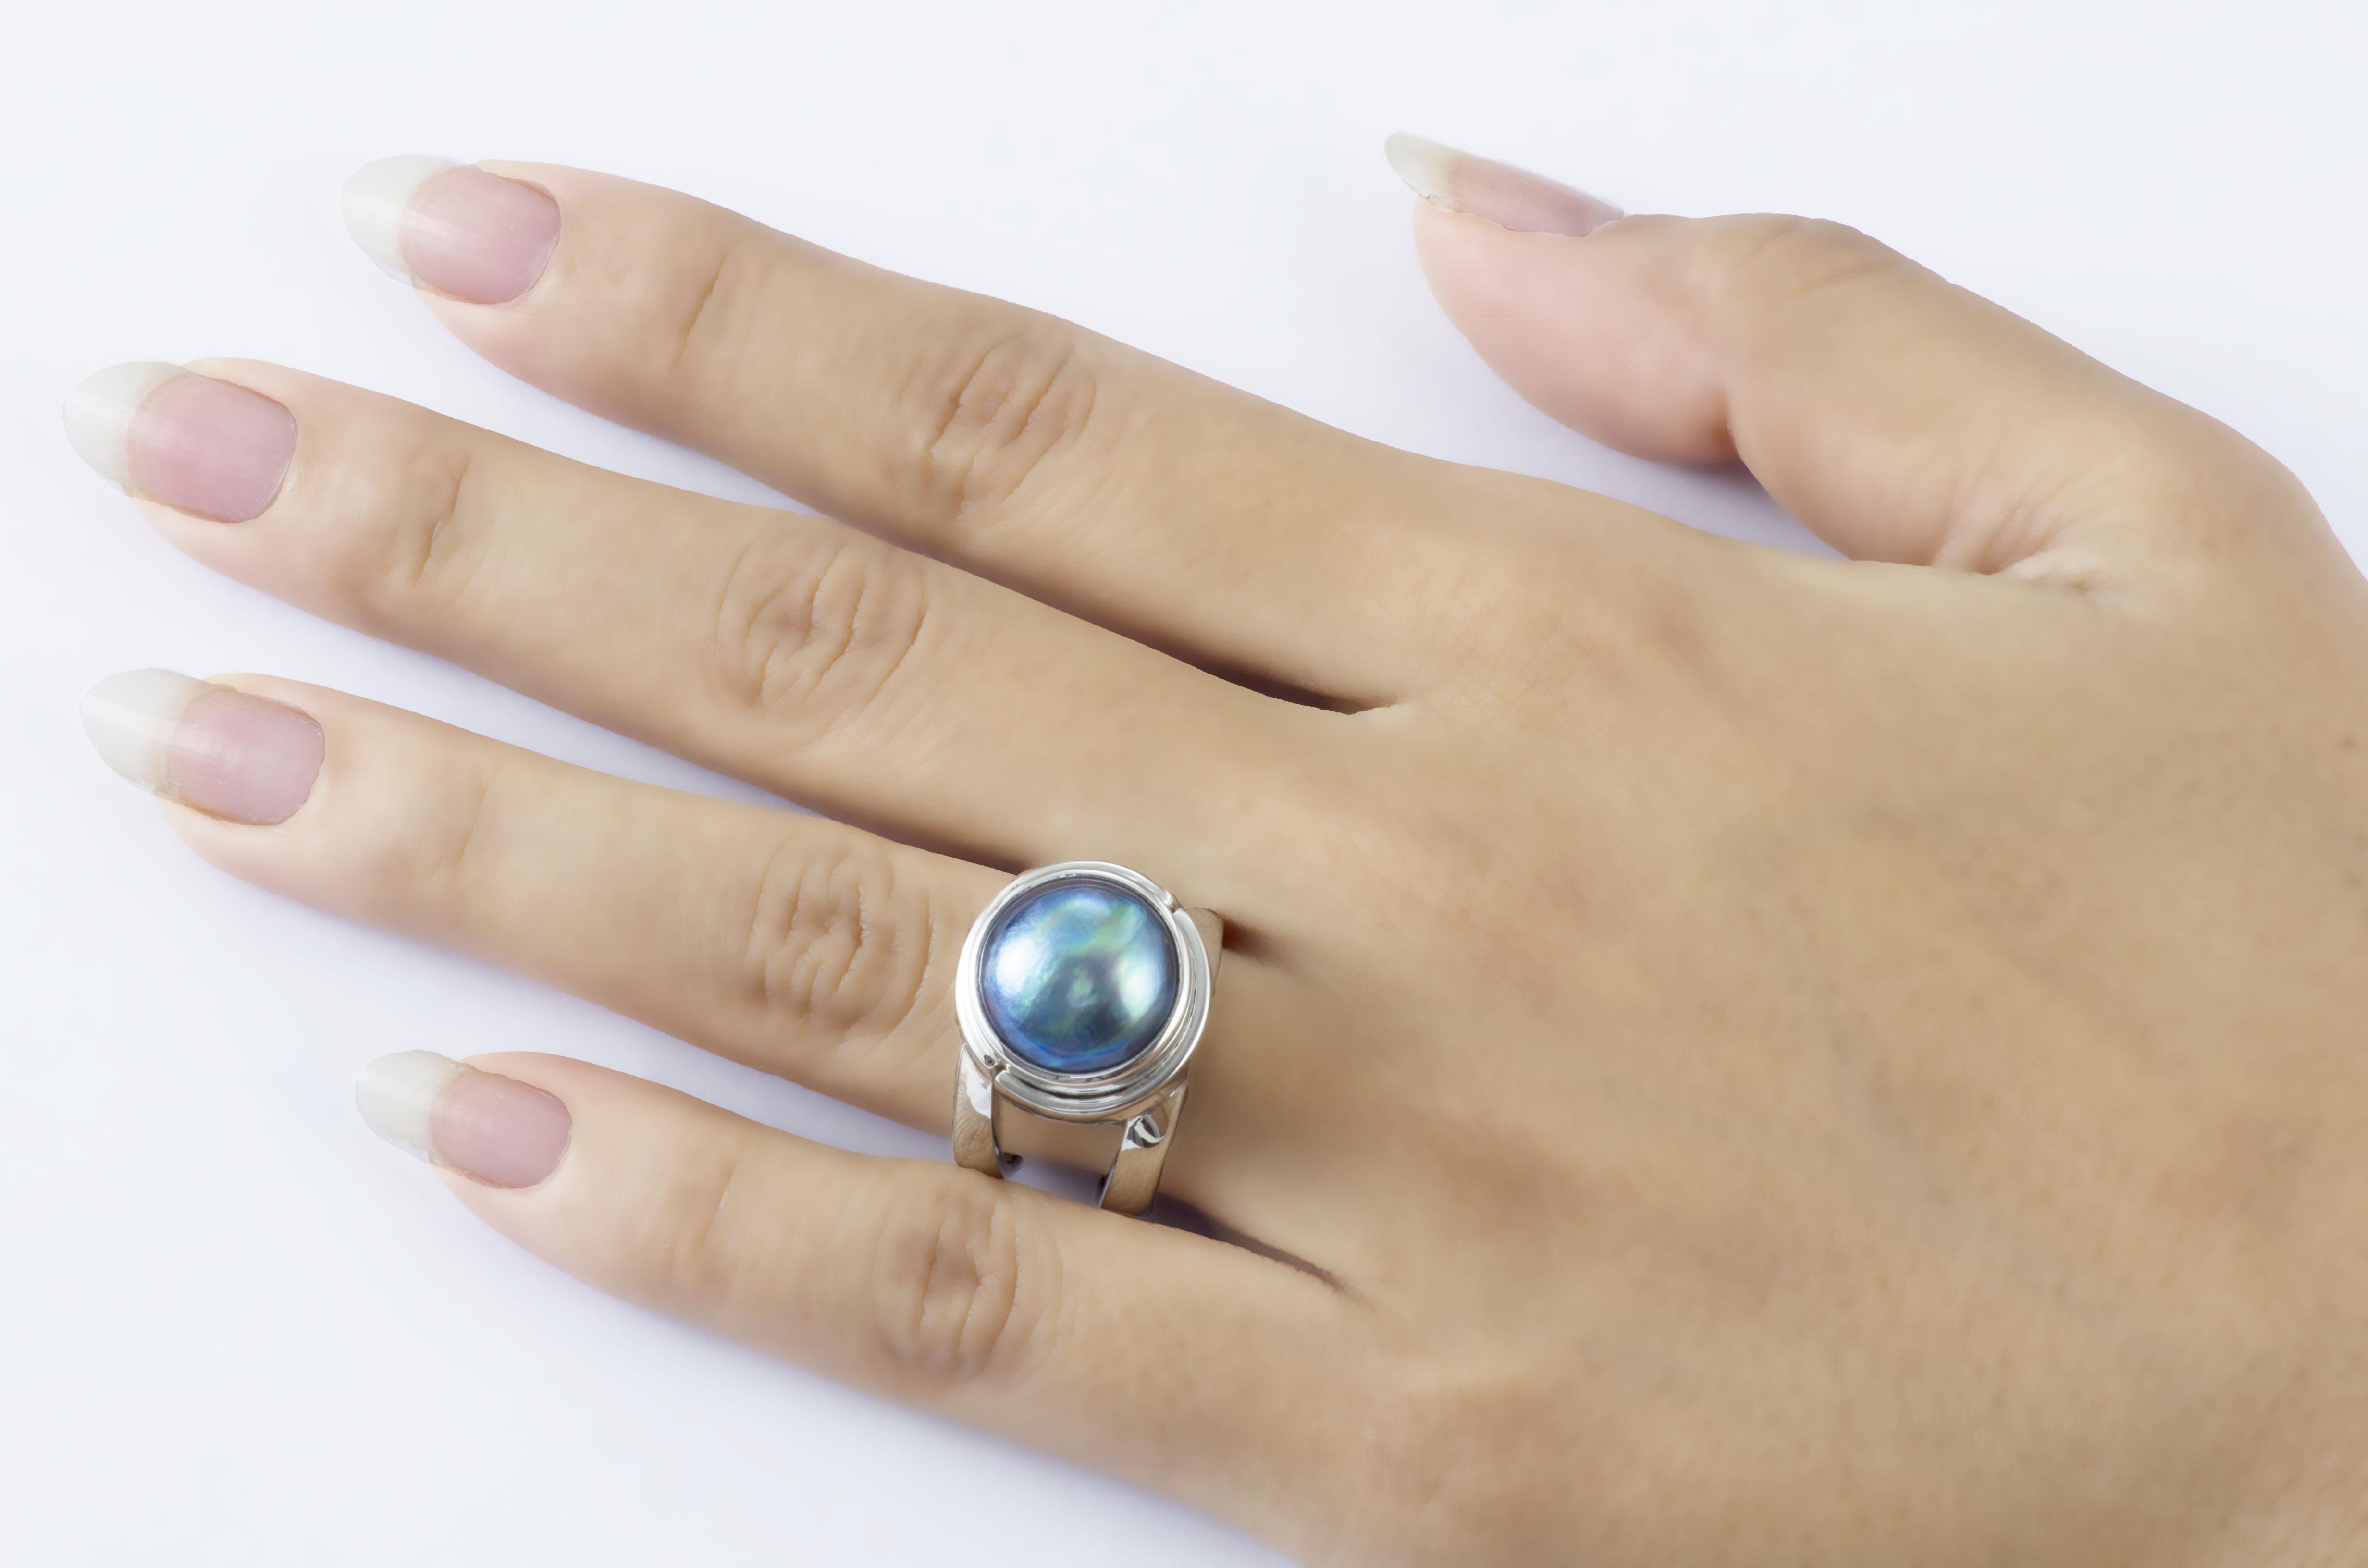 KS455-finger-2